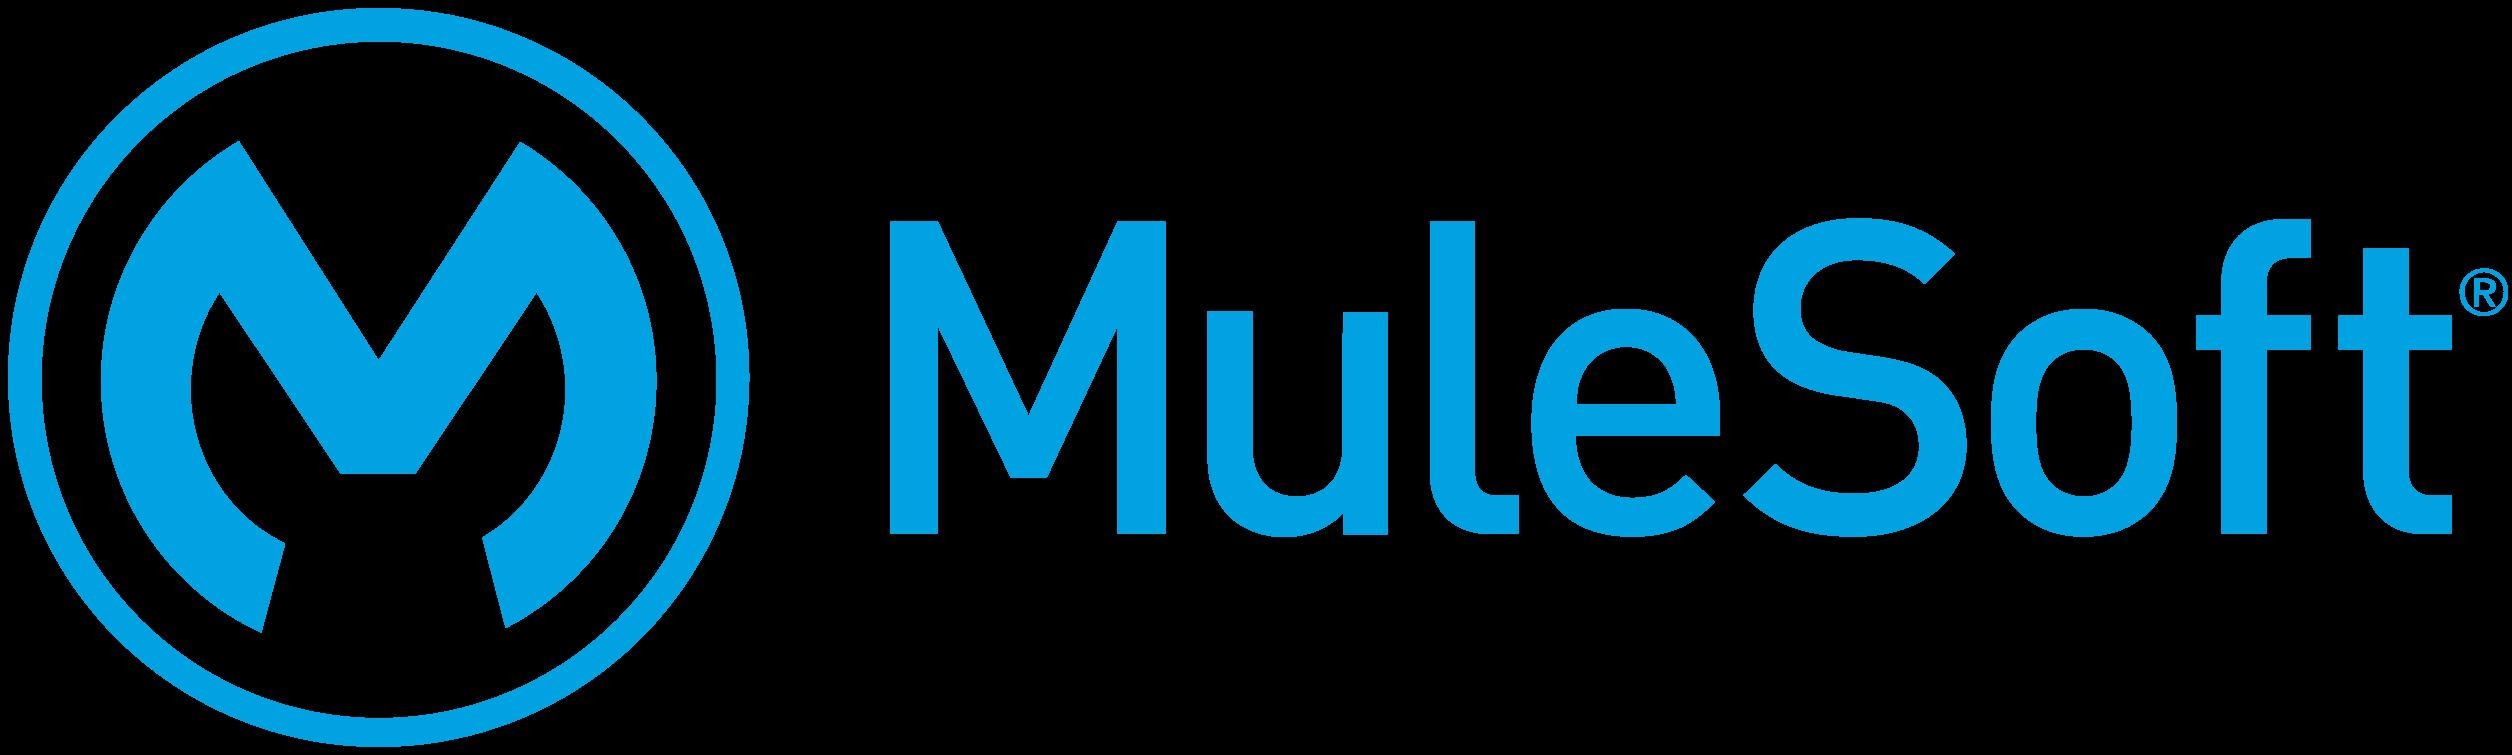 mulesoft-trusted